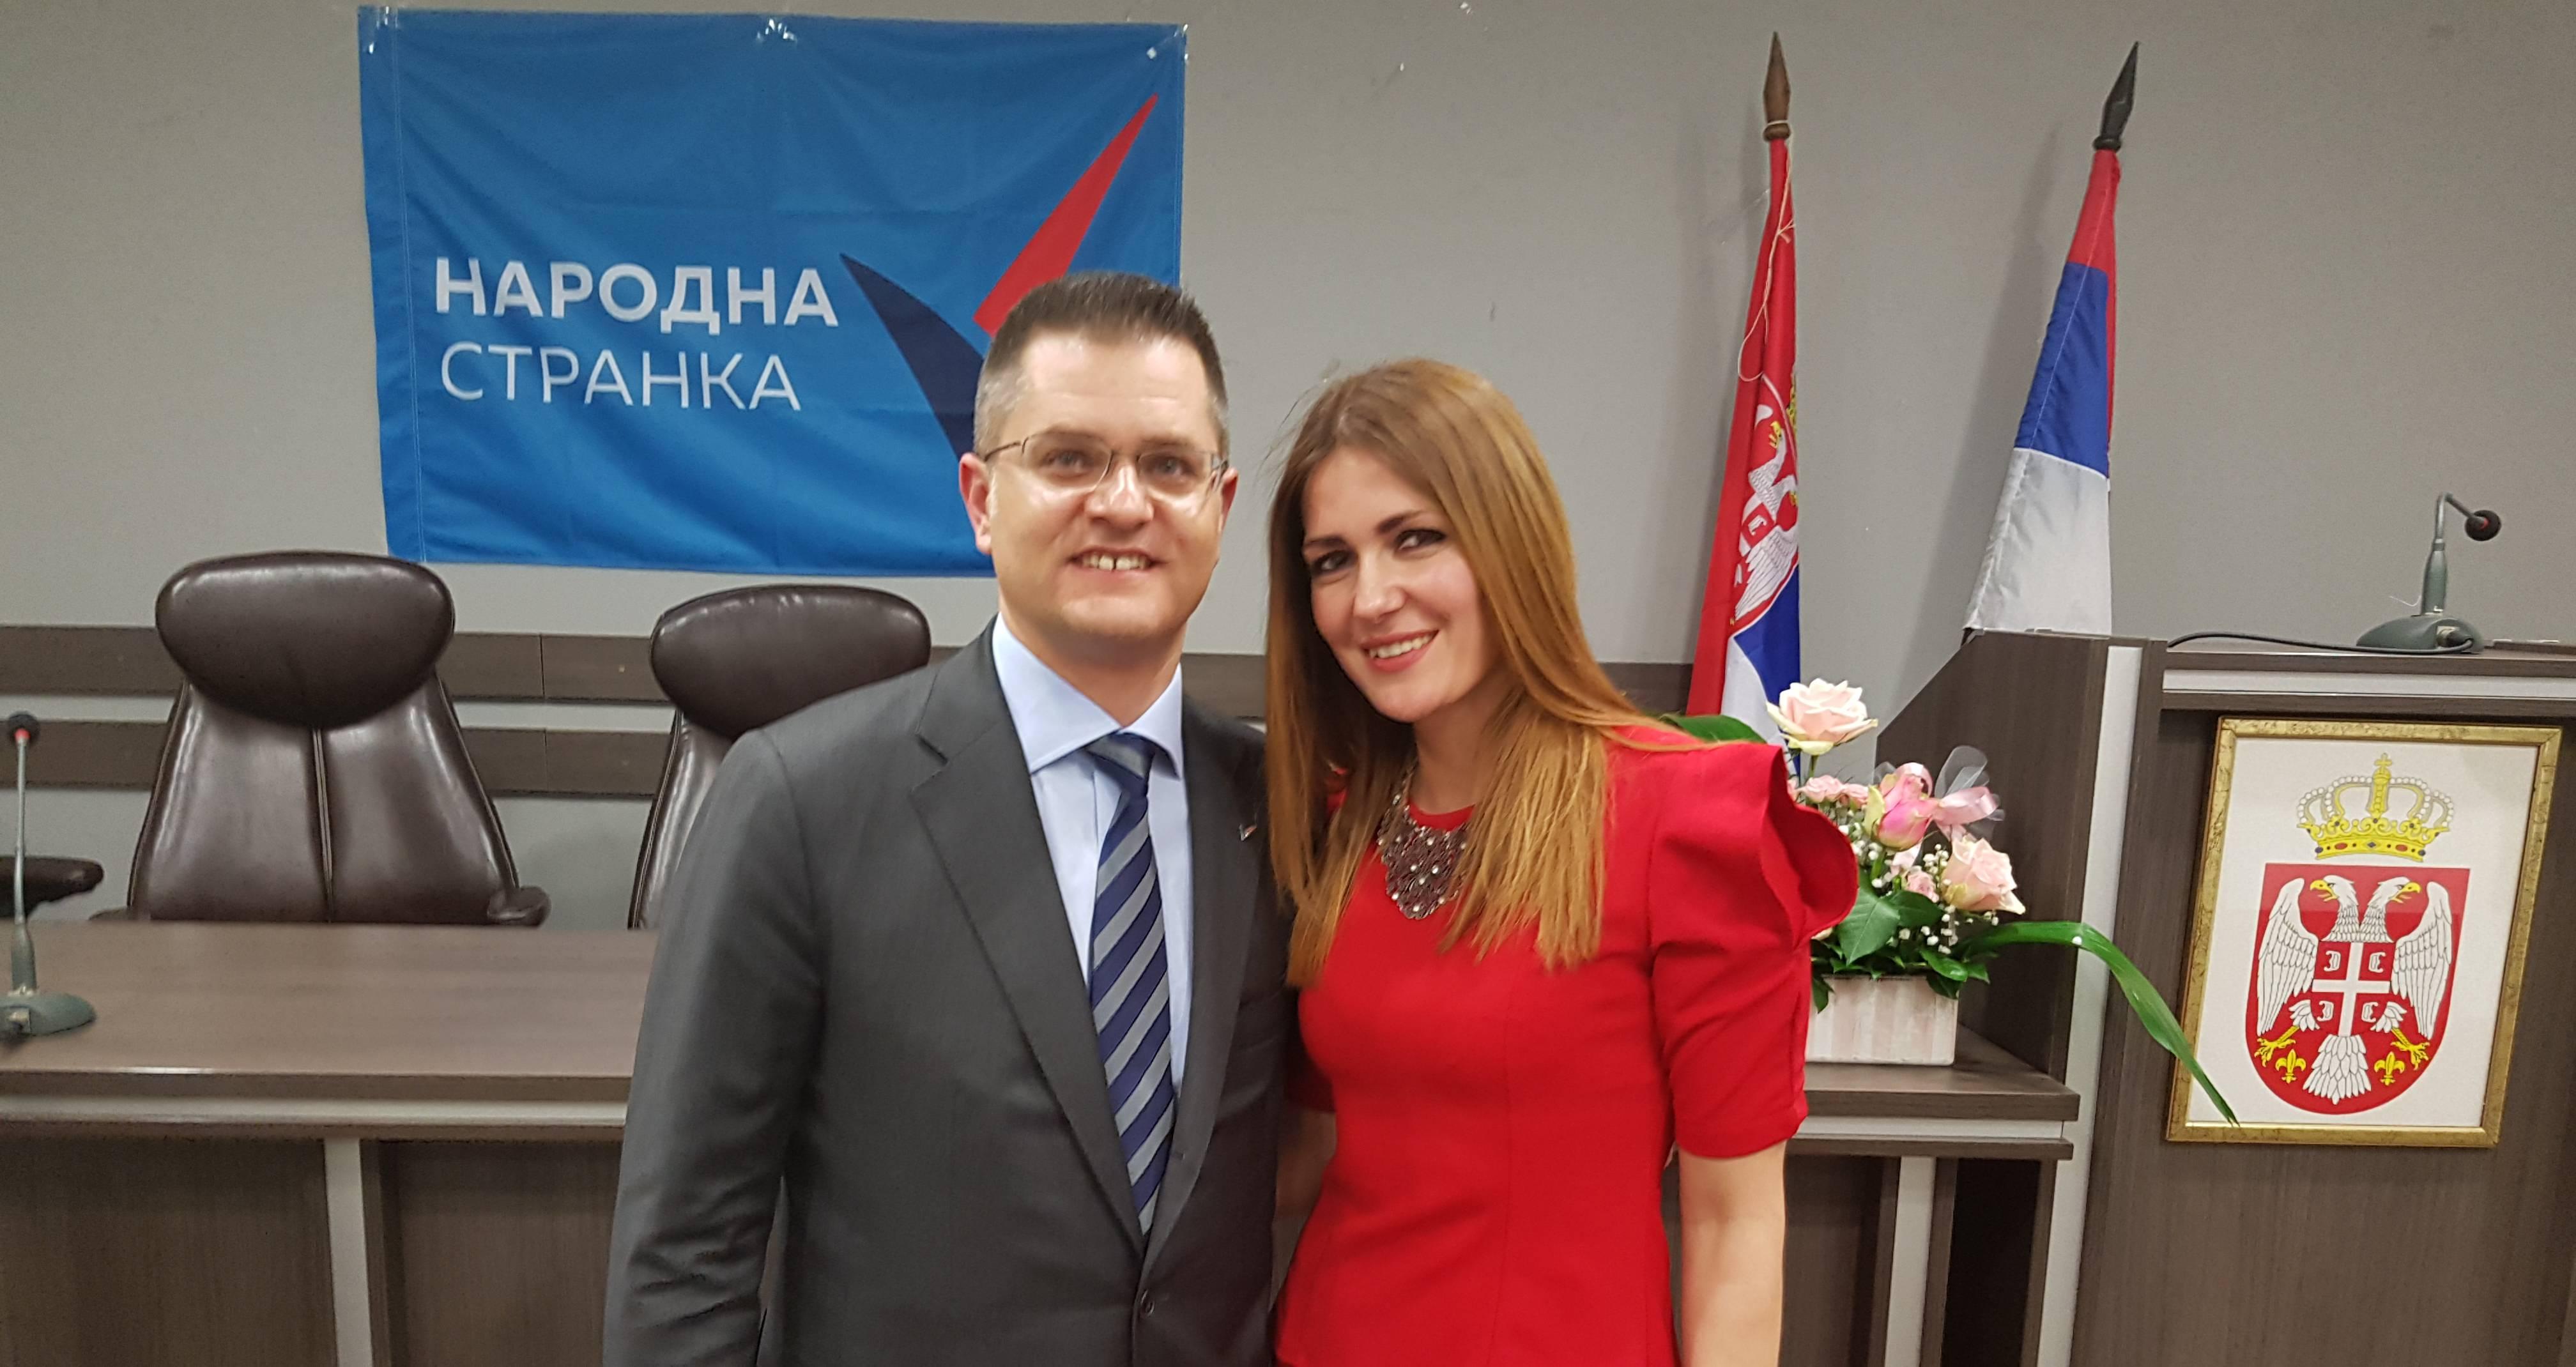 Основан Општински одбор Народне странке у Крупњу, Слађана Грбић председница